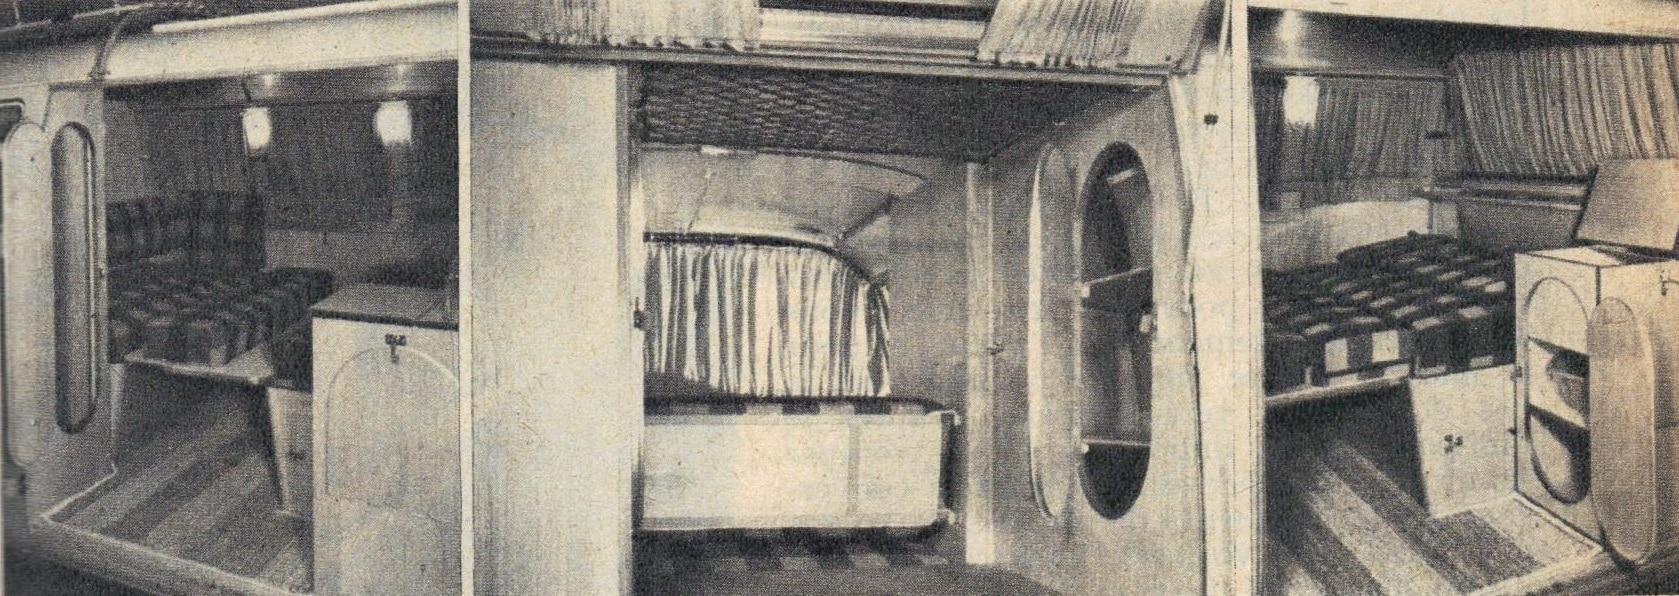 Un coup d'œil à l'intérieur de l'installation montre les différentes possibilités de rangement. Le large lit à deux places avec sommier rembourré convient à n'importe quel adulte. Un tapis solide recouvre le sol.